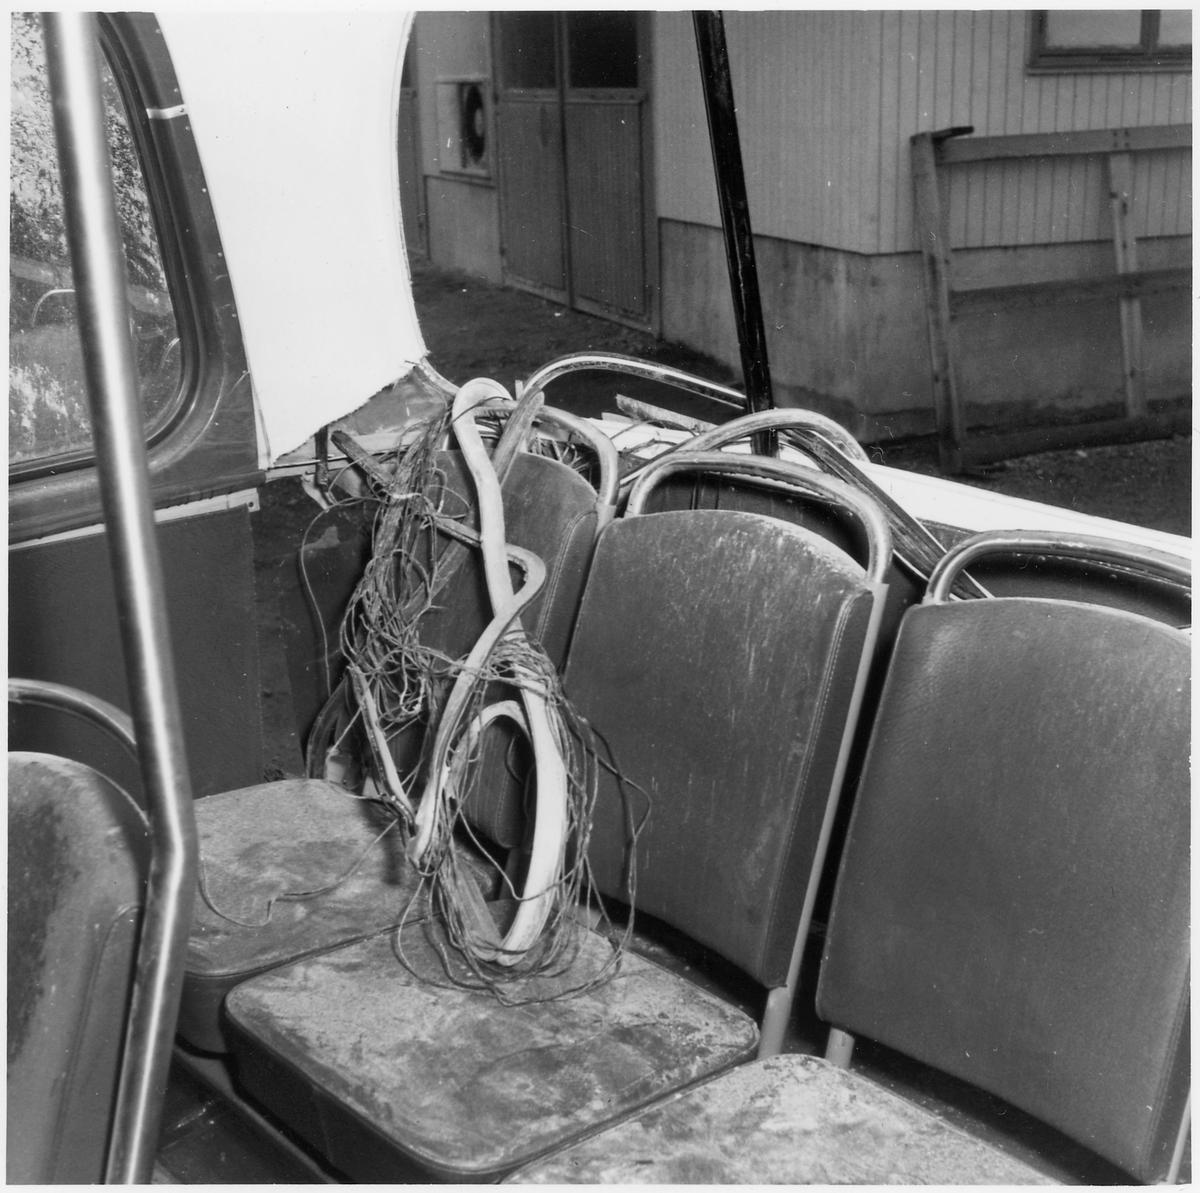 Krockskadad buss. Passagerarens plats.